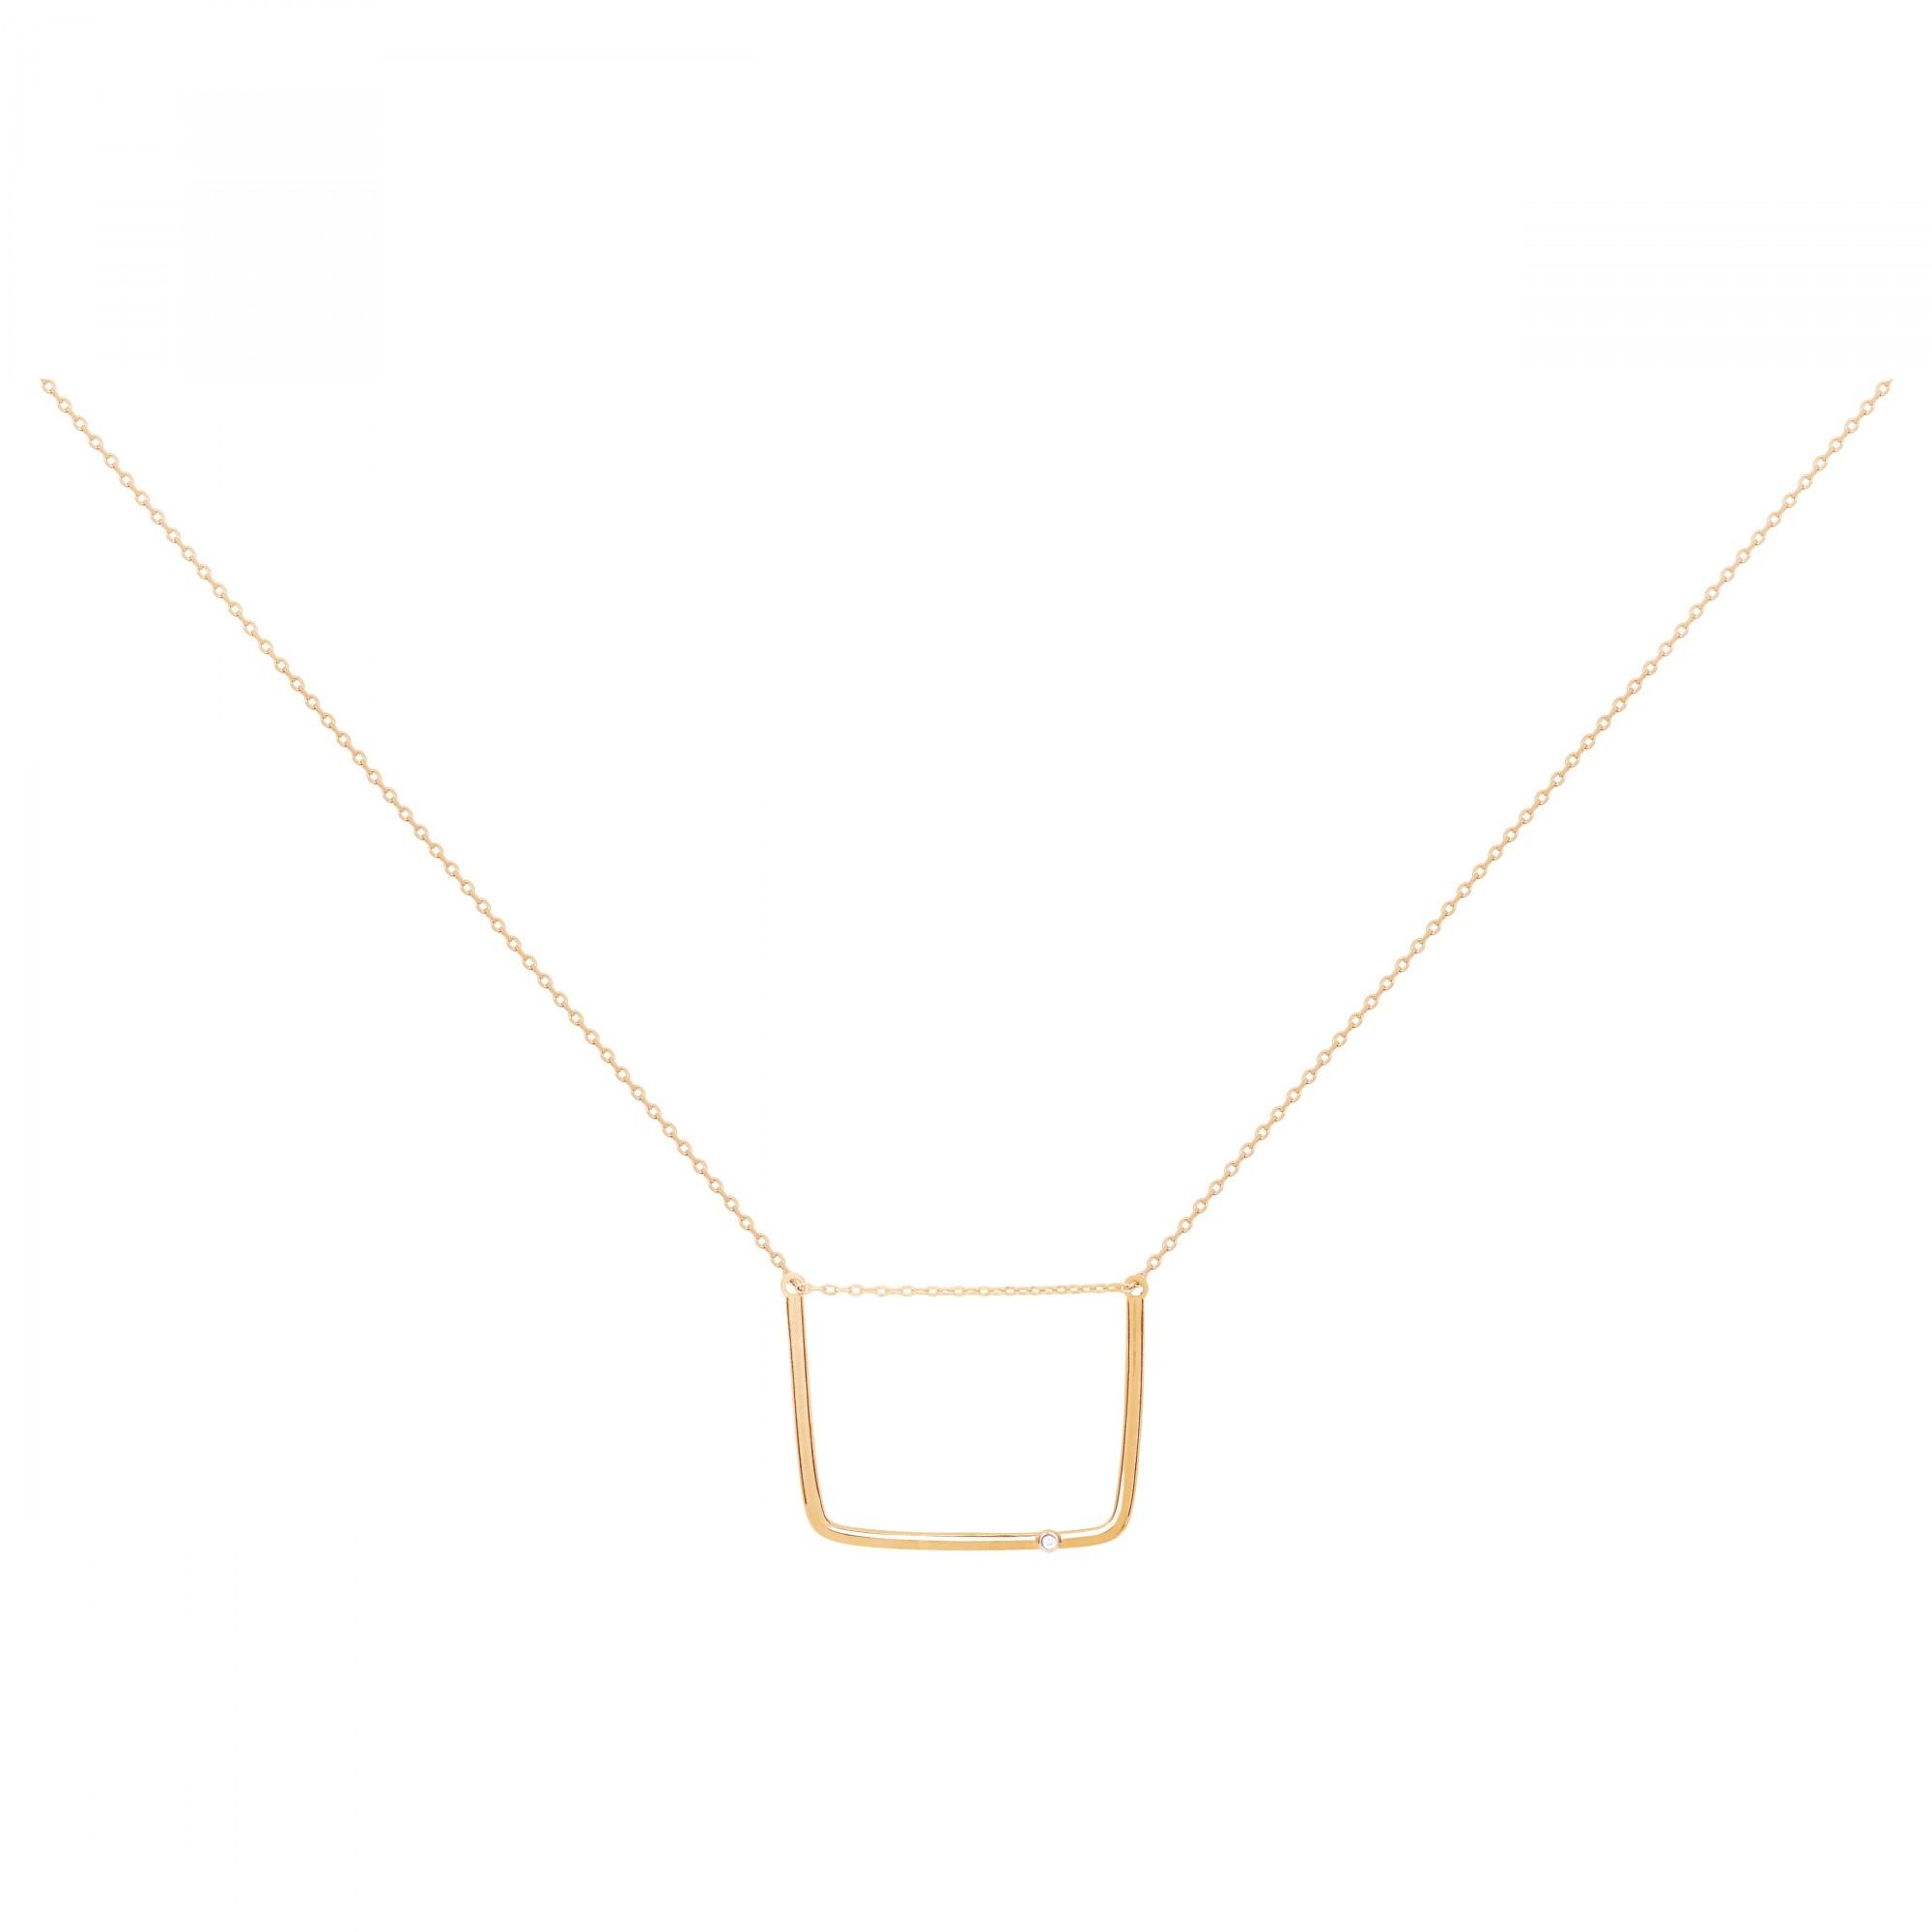 Collier plaqué or 750 millièmes Femme La Garçonne Diamant